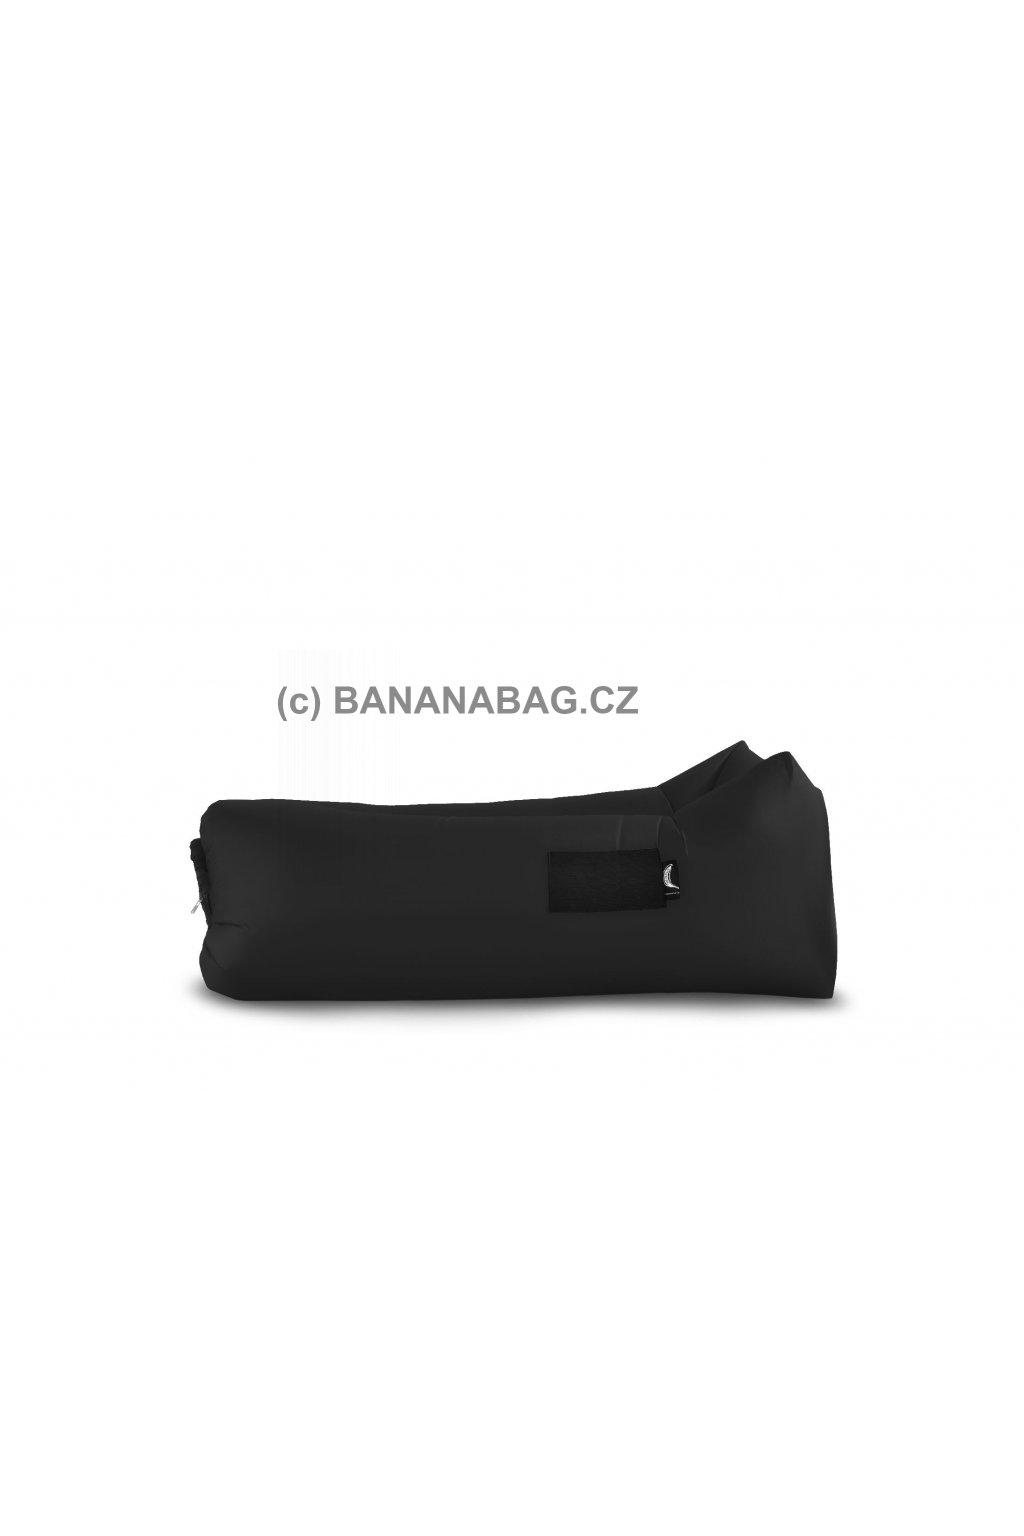 Bananabag NYLON NANO 2019 černý